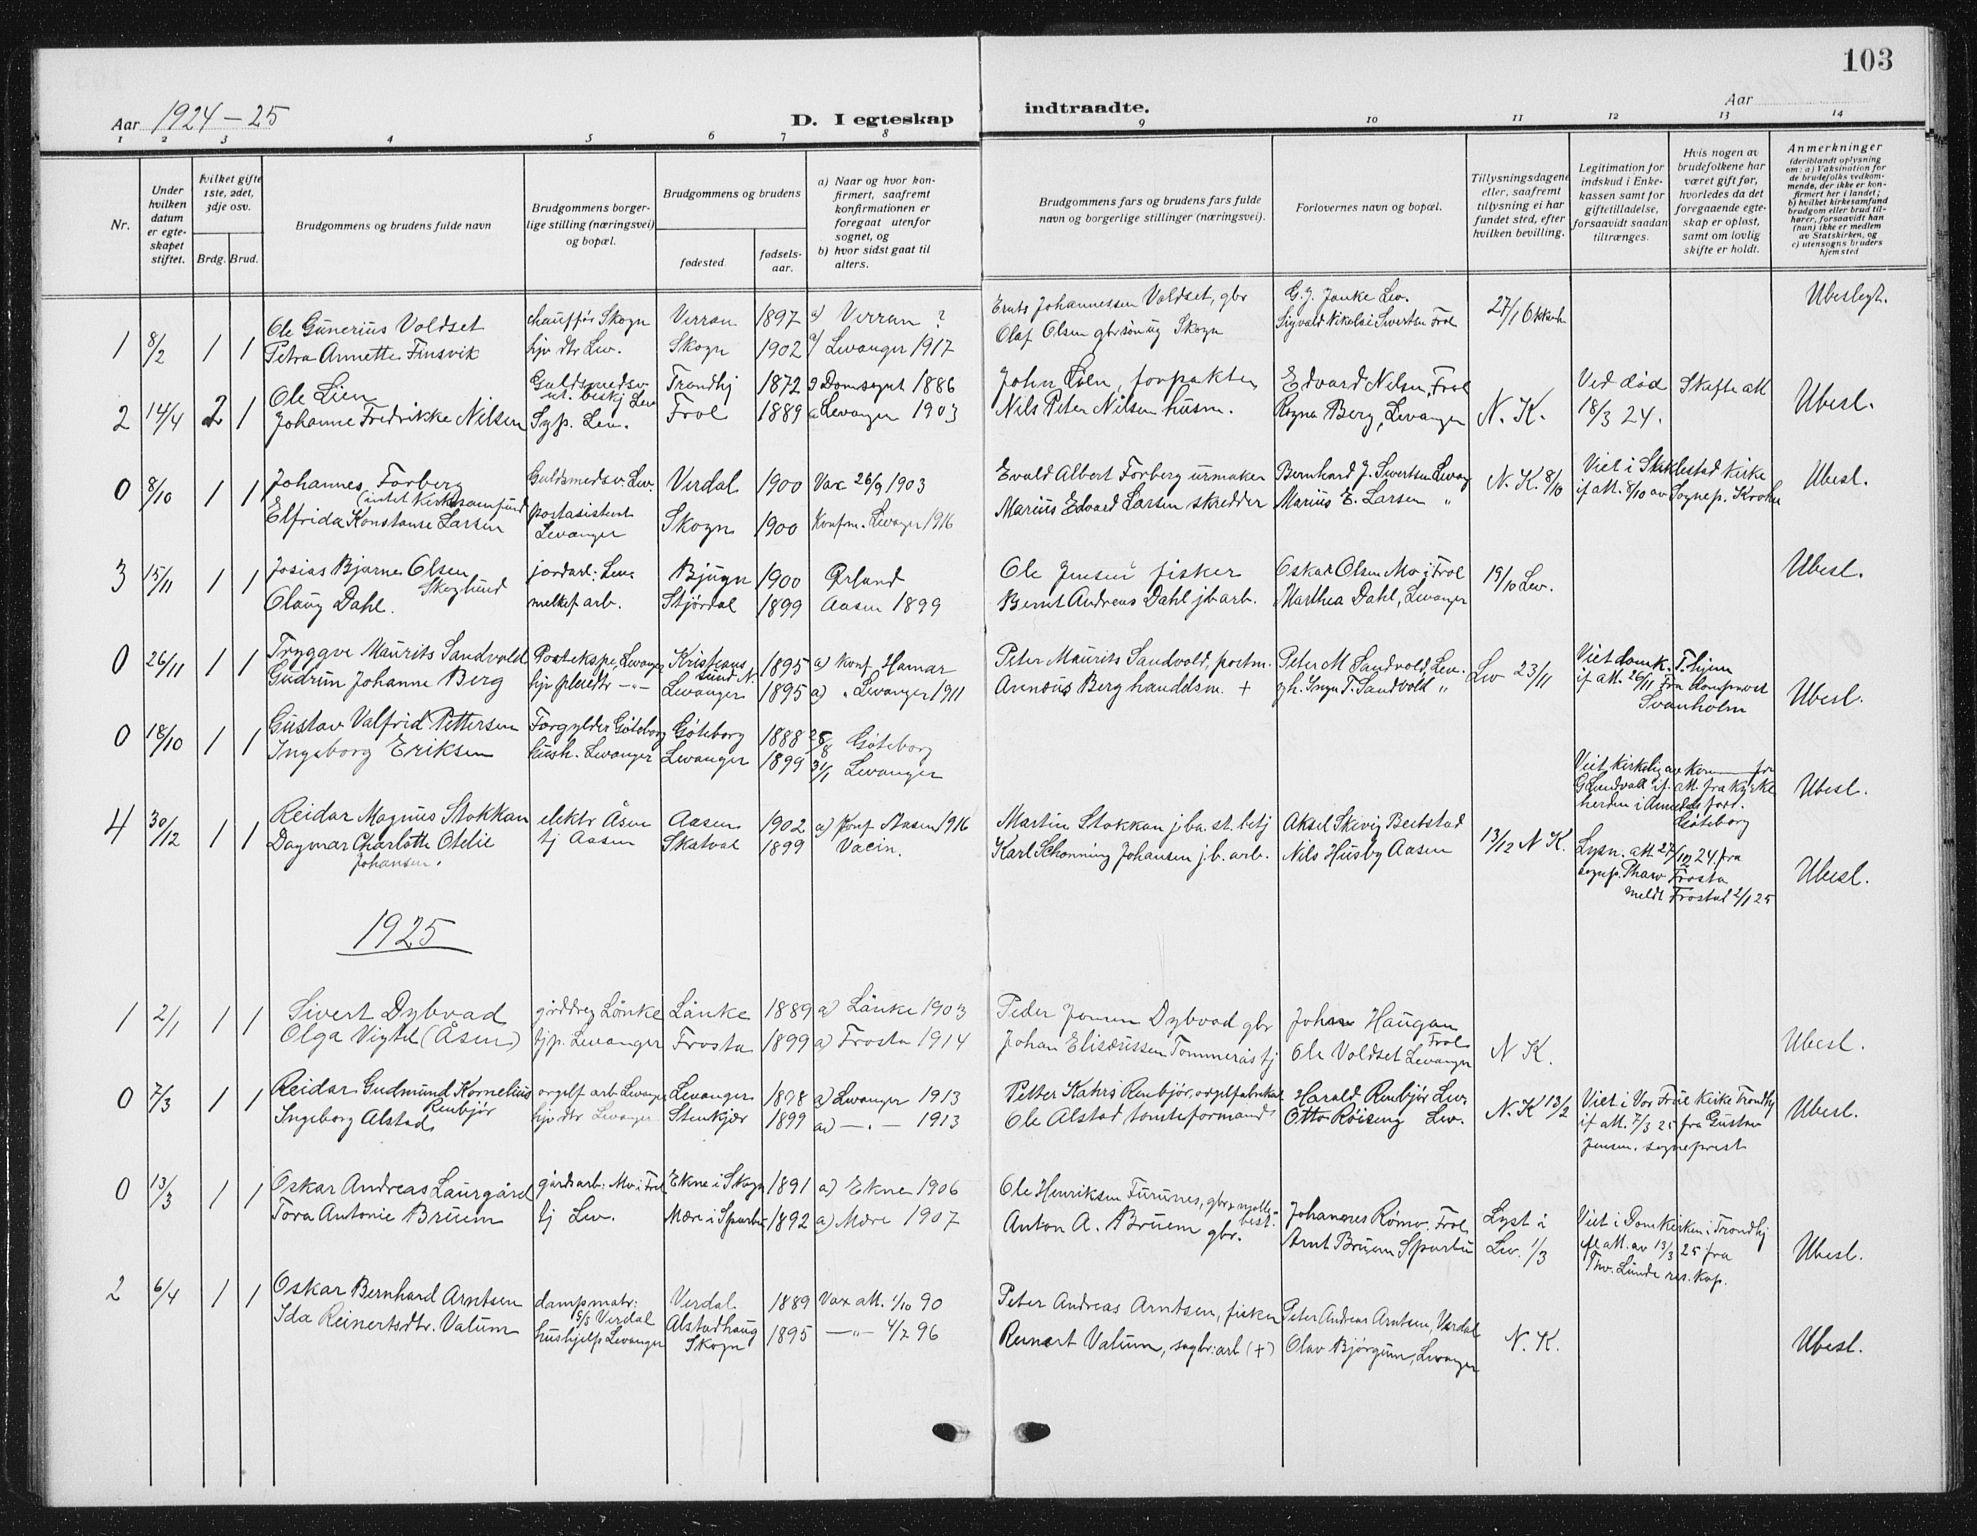 SAT, Ministerialprotokoller, klokkerbøker og fødselsregistre - Nord-Trøndelag, 720/L0193: Klokkerbok nr. 720C02, 1918-1941, s. 103